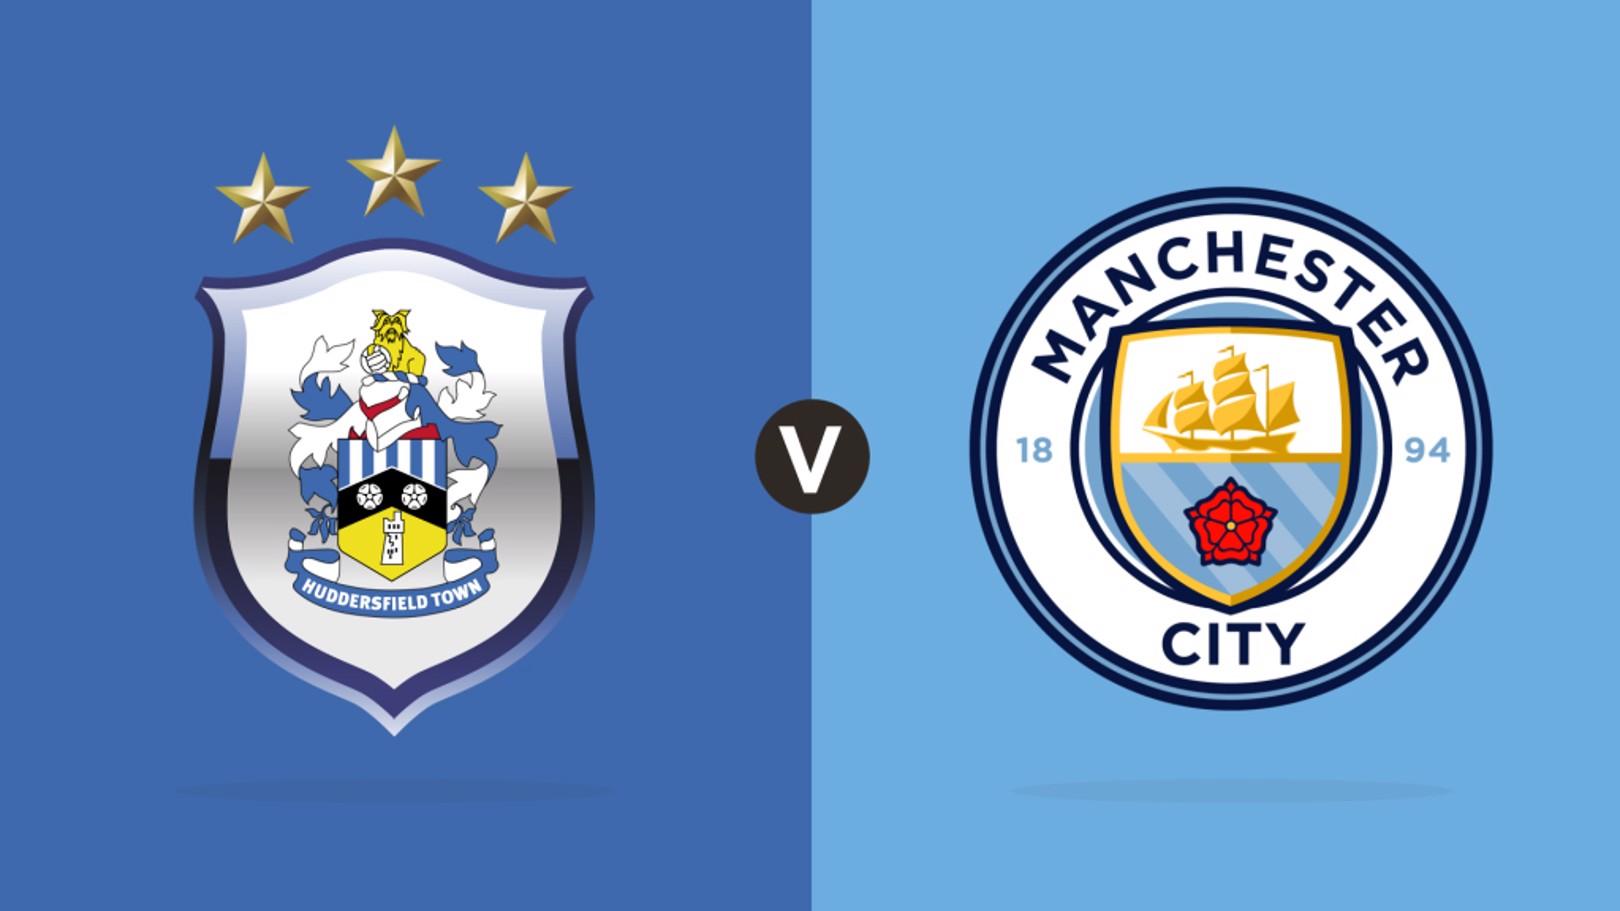 Huddersfield Town v Manchester City